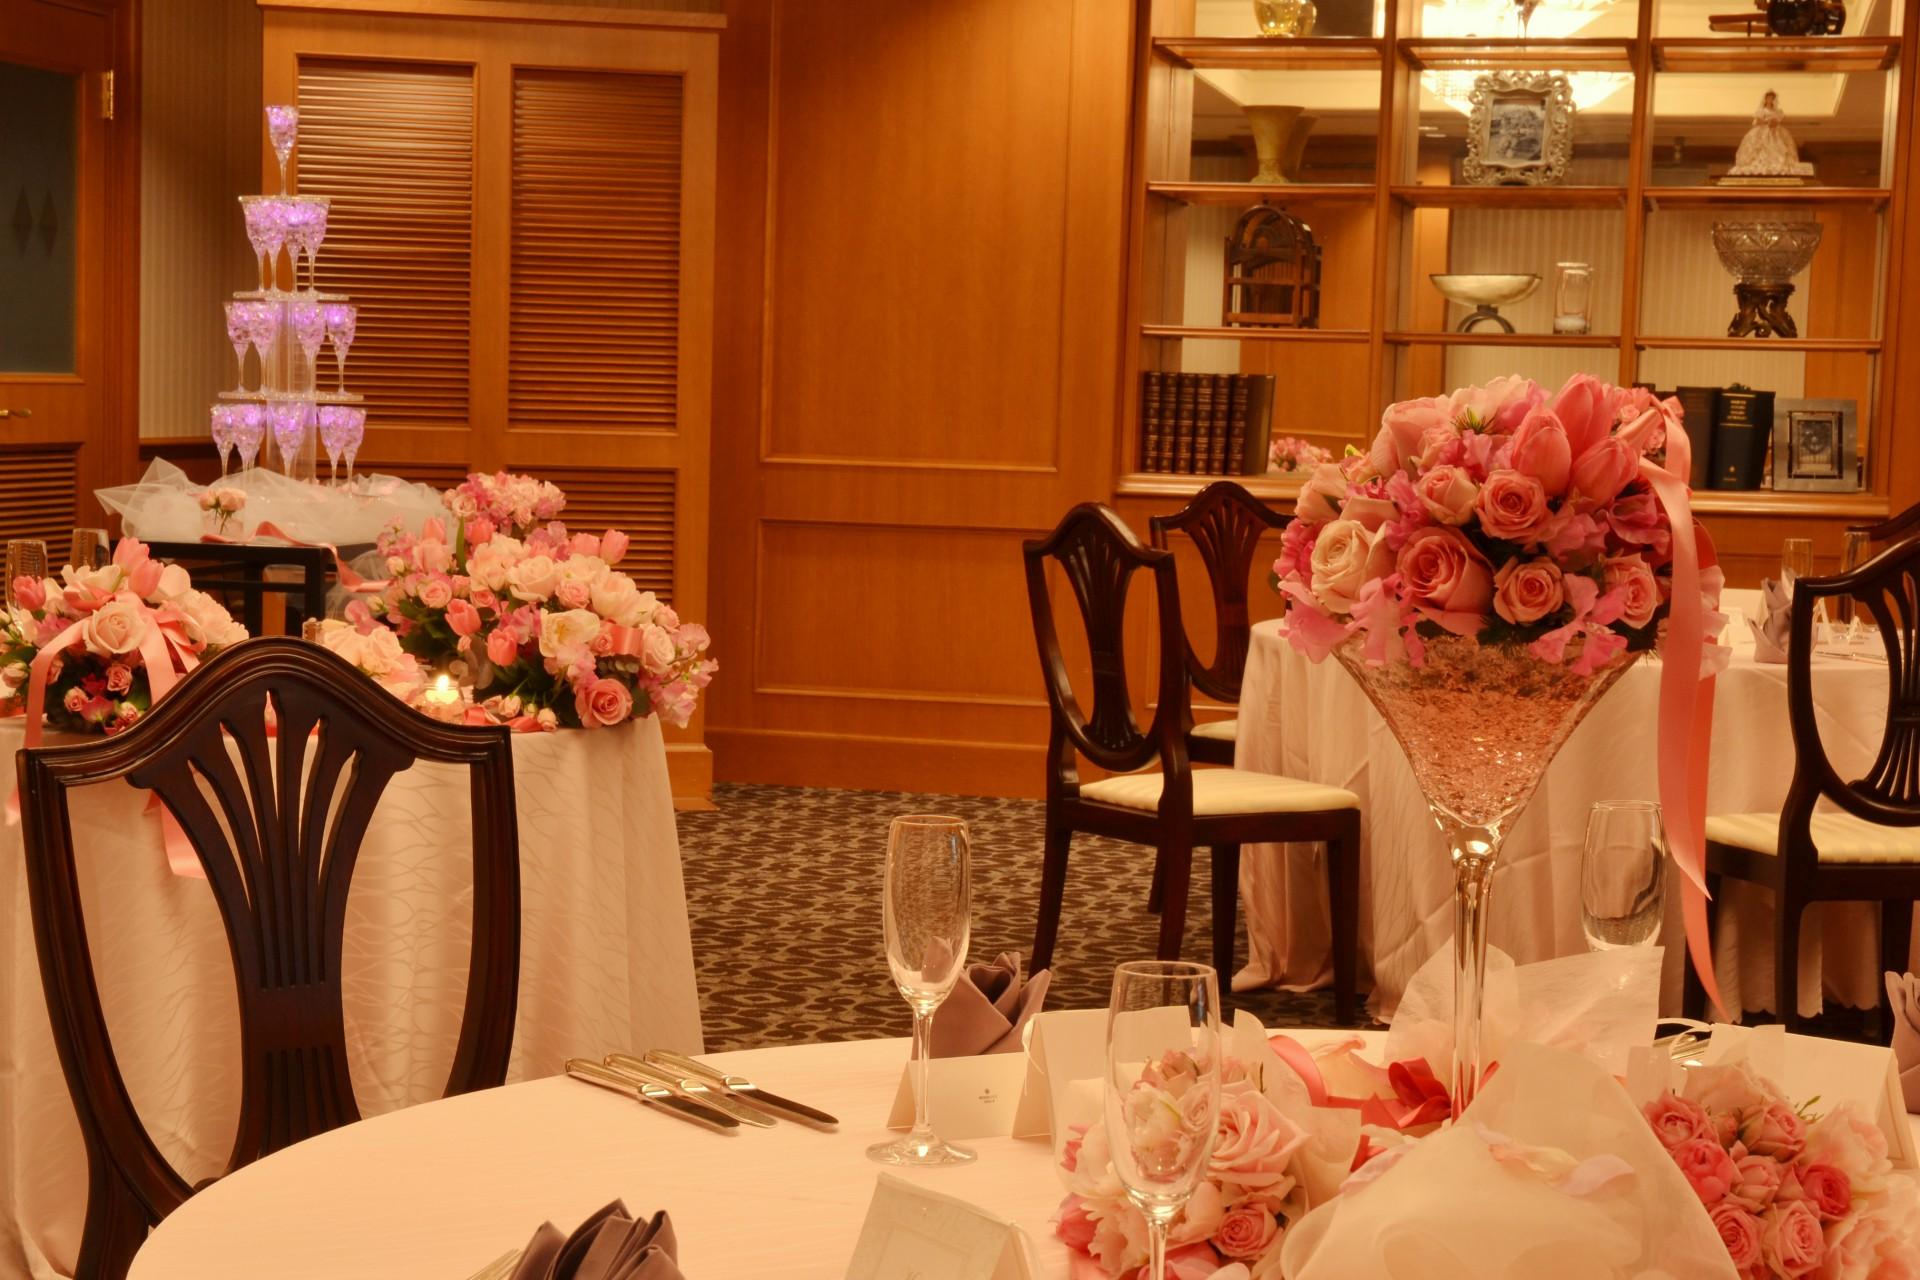 レンブラントホテル厚木で人気の邸宅風パーティルーム「アンシャンテ」